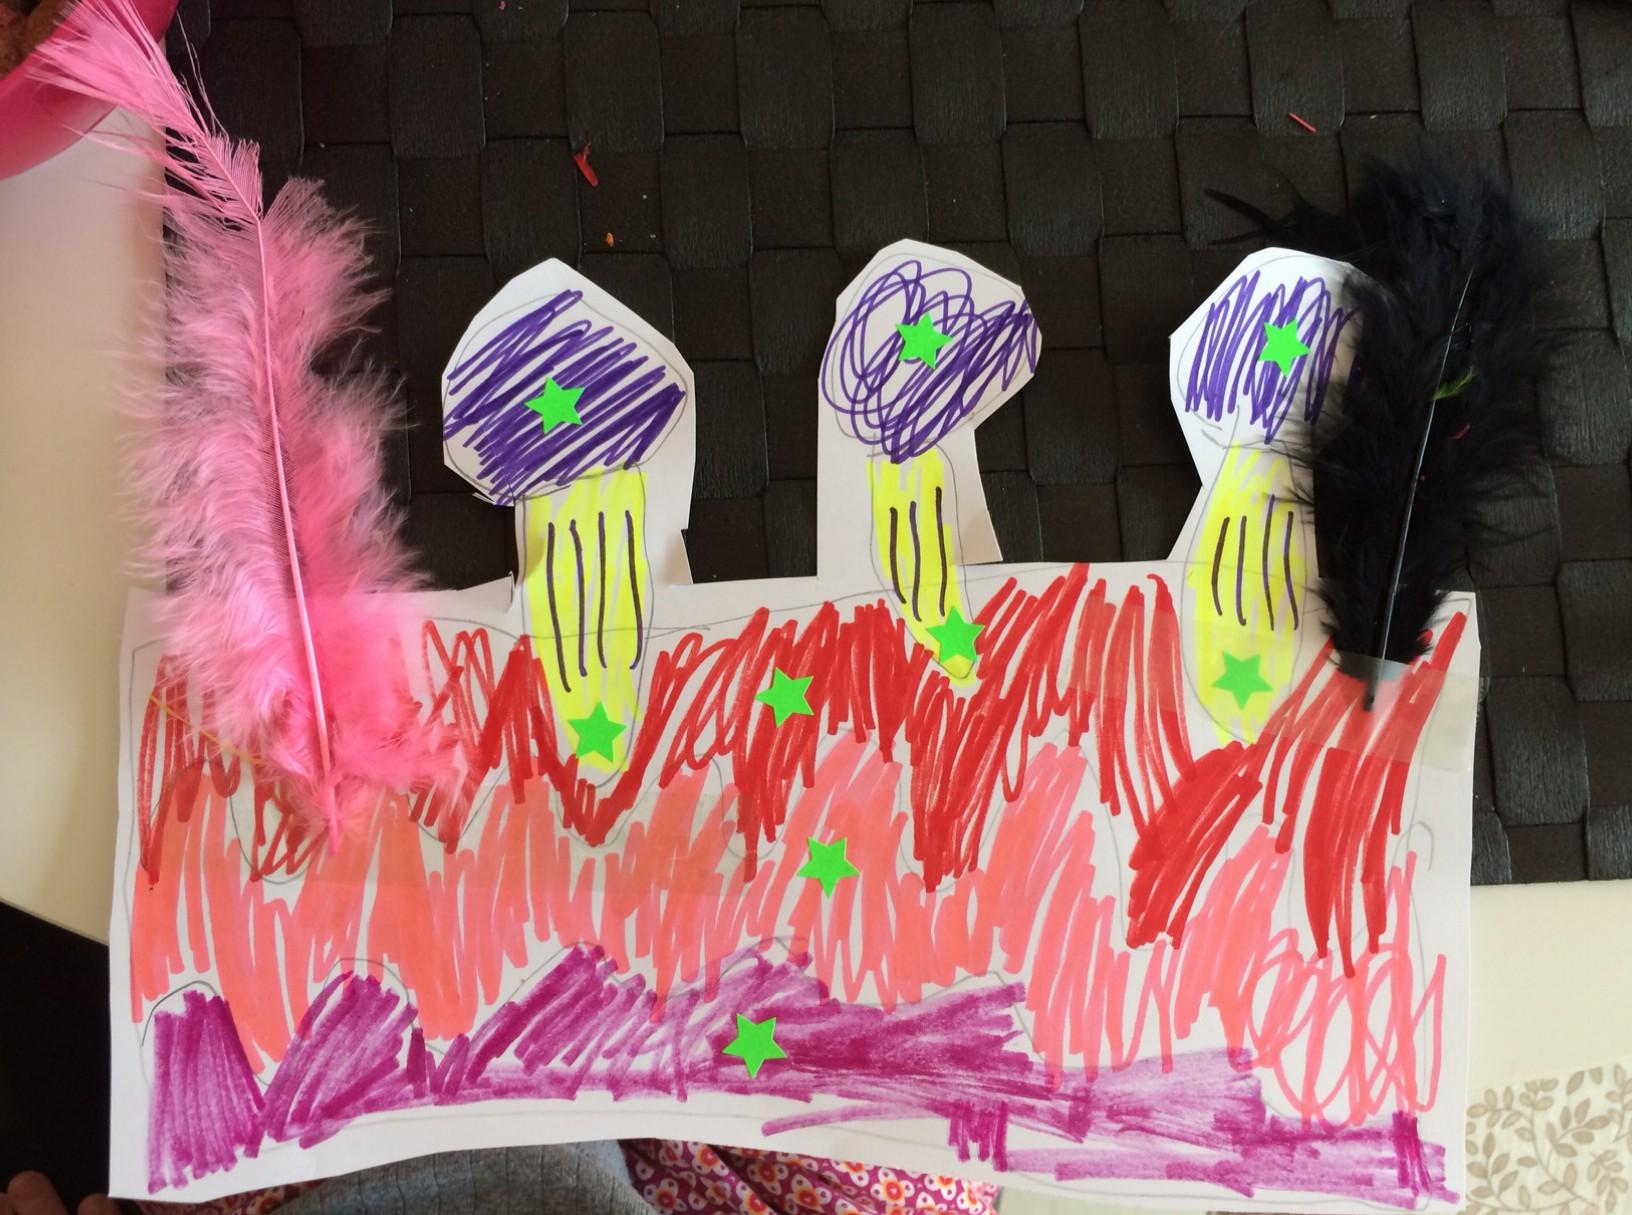 Cilles tegning af en fødselsdagslagkage med 3 lys